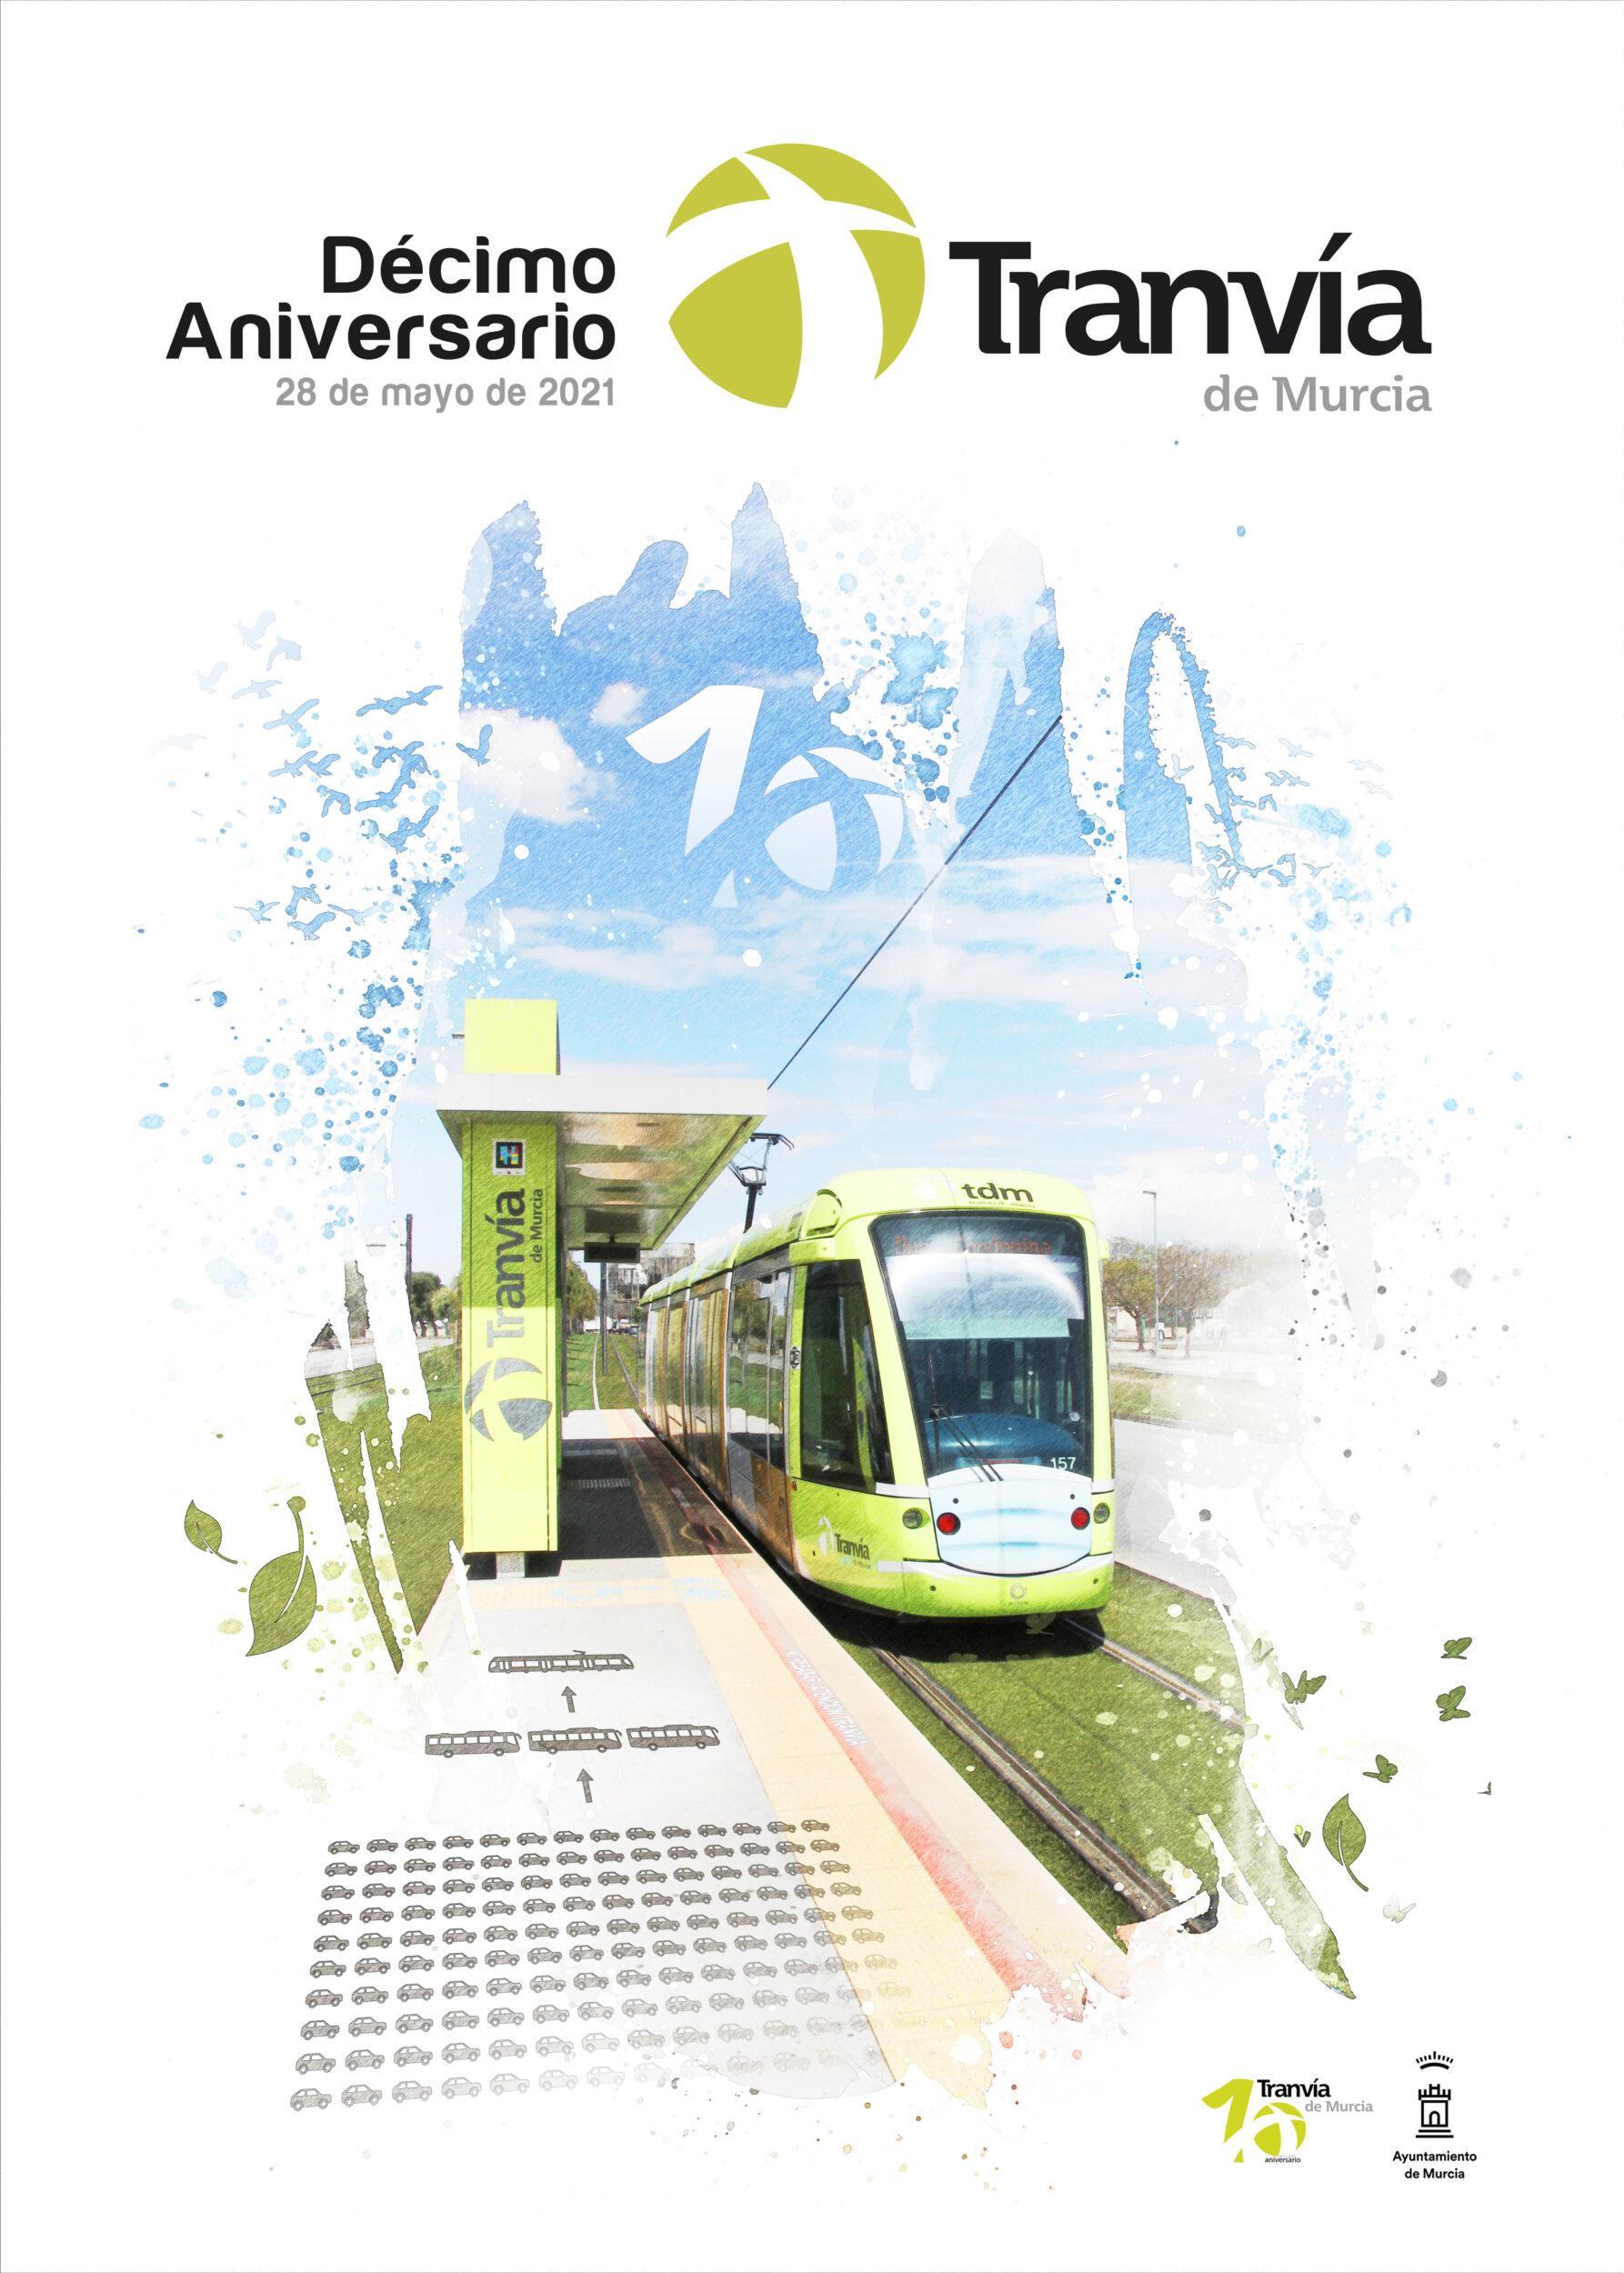 Tranvía de Murcia comunica los ganadores del Concurso de Carteles X Aniversario